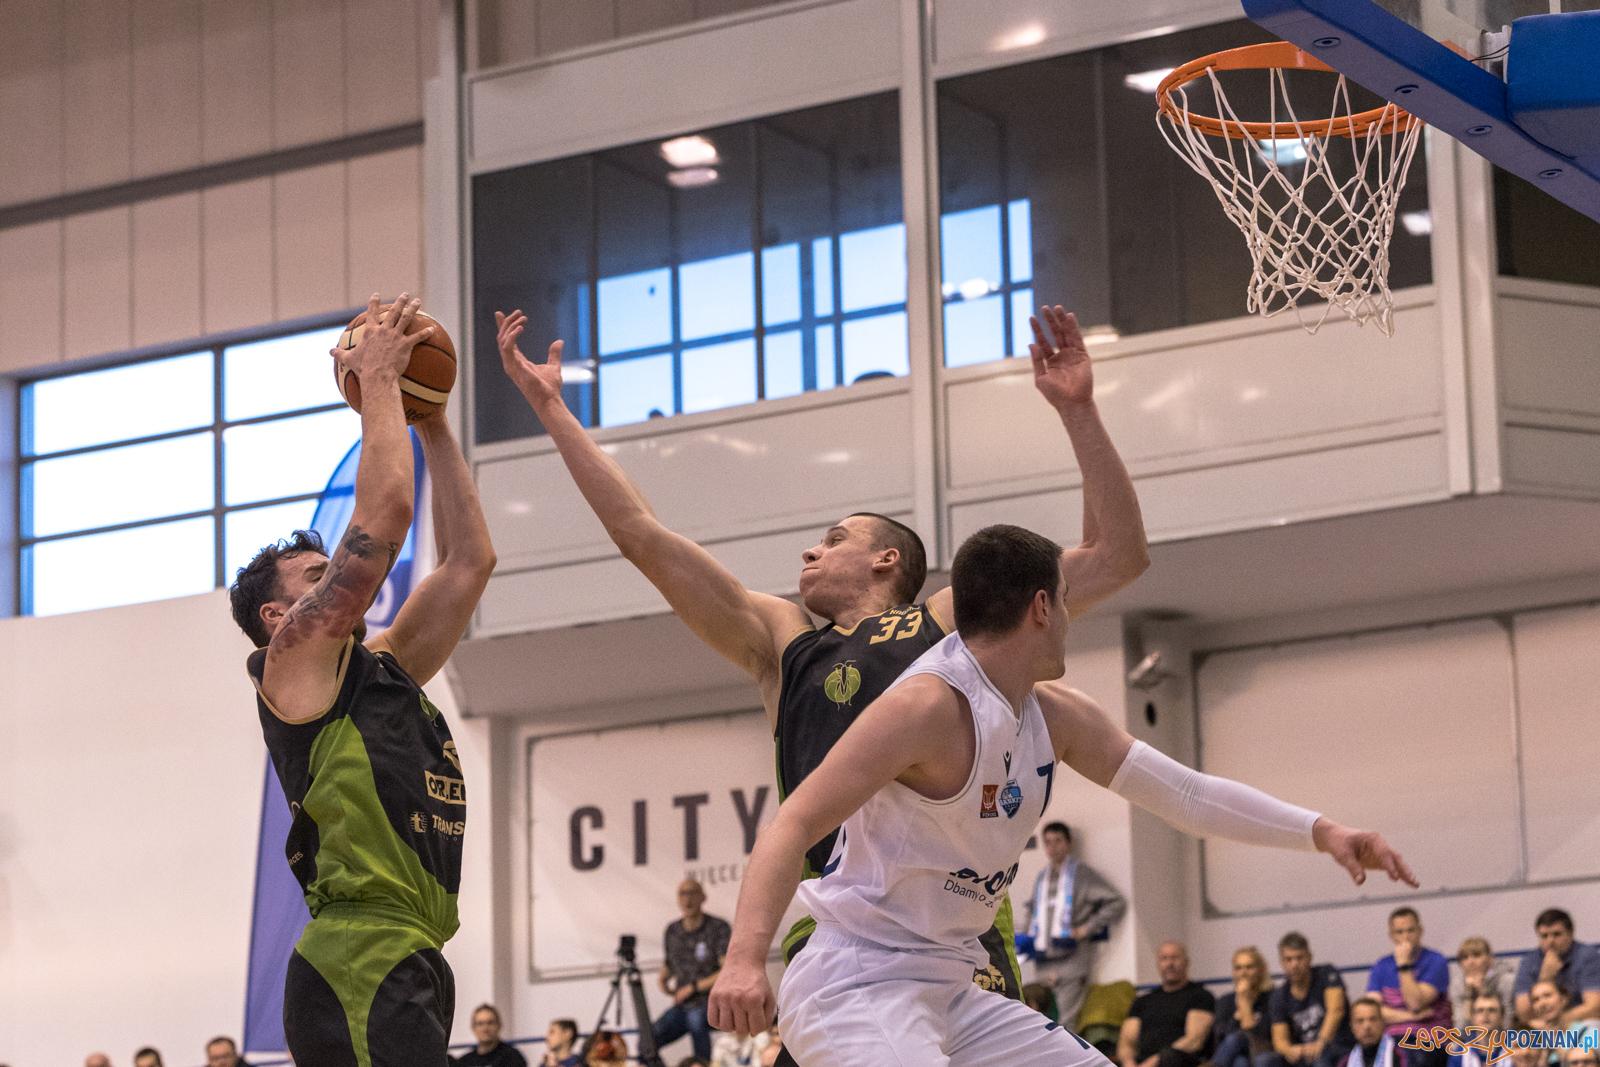 Miasto Szkła Krosno - Biofarm Basket Poznań 65:74 - Poznań 8.  Foto: LepszyPOZNAN.pl / Paweł Rychter